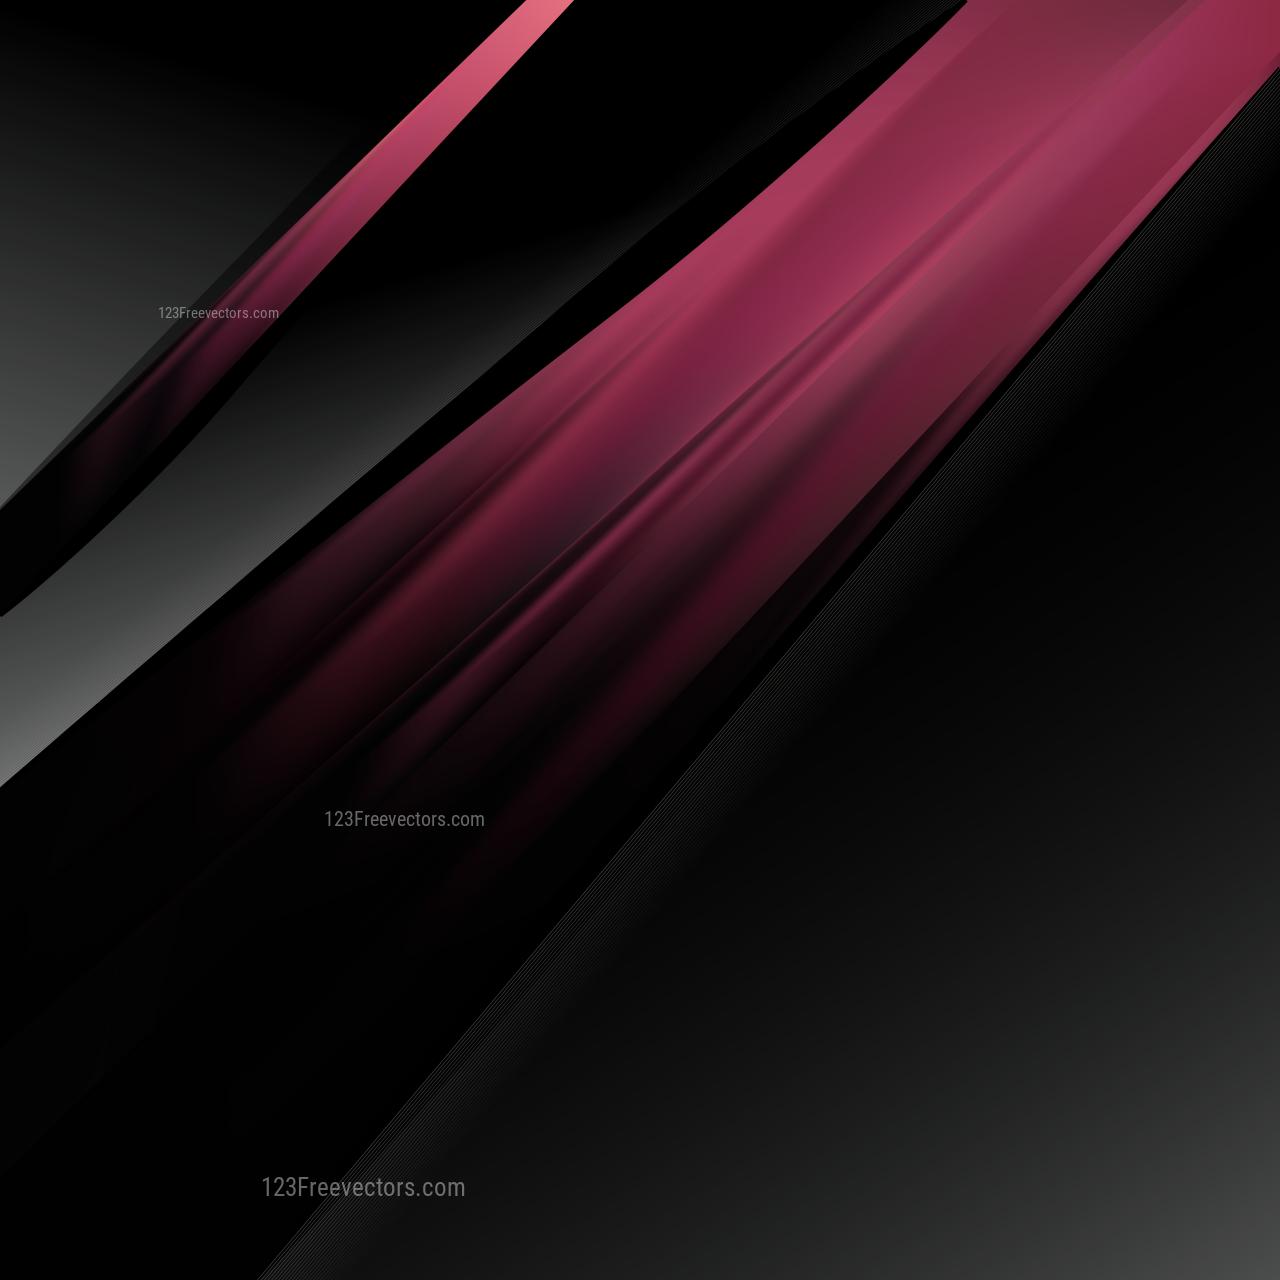 Pink and Black Brochure Design Vector Illustration